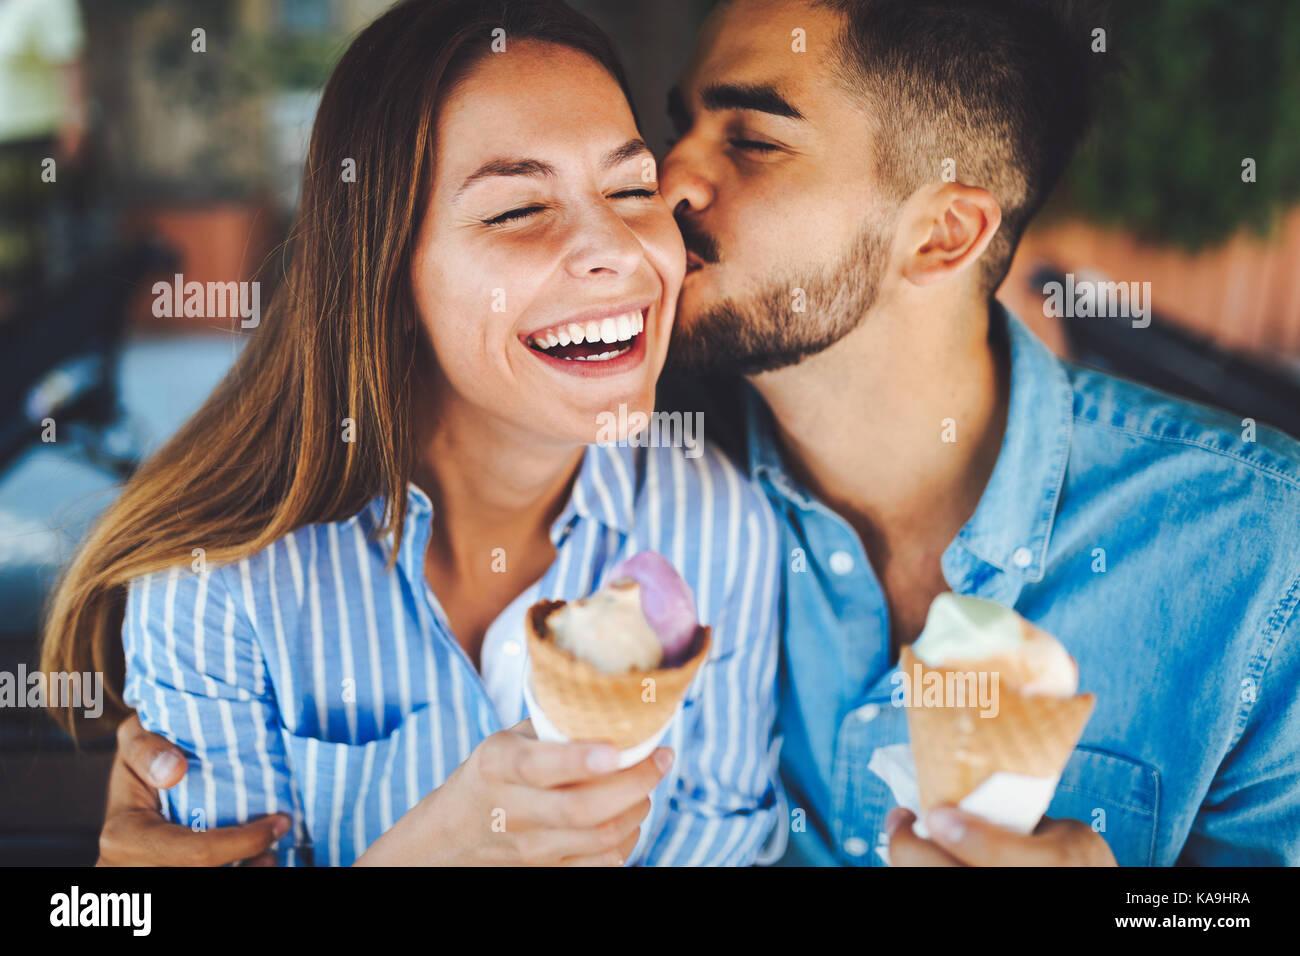 Feliz pareja tener fecha y comer helado Imagen De Stock